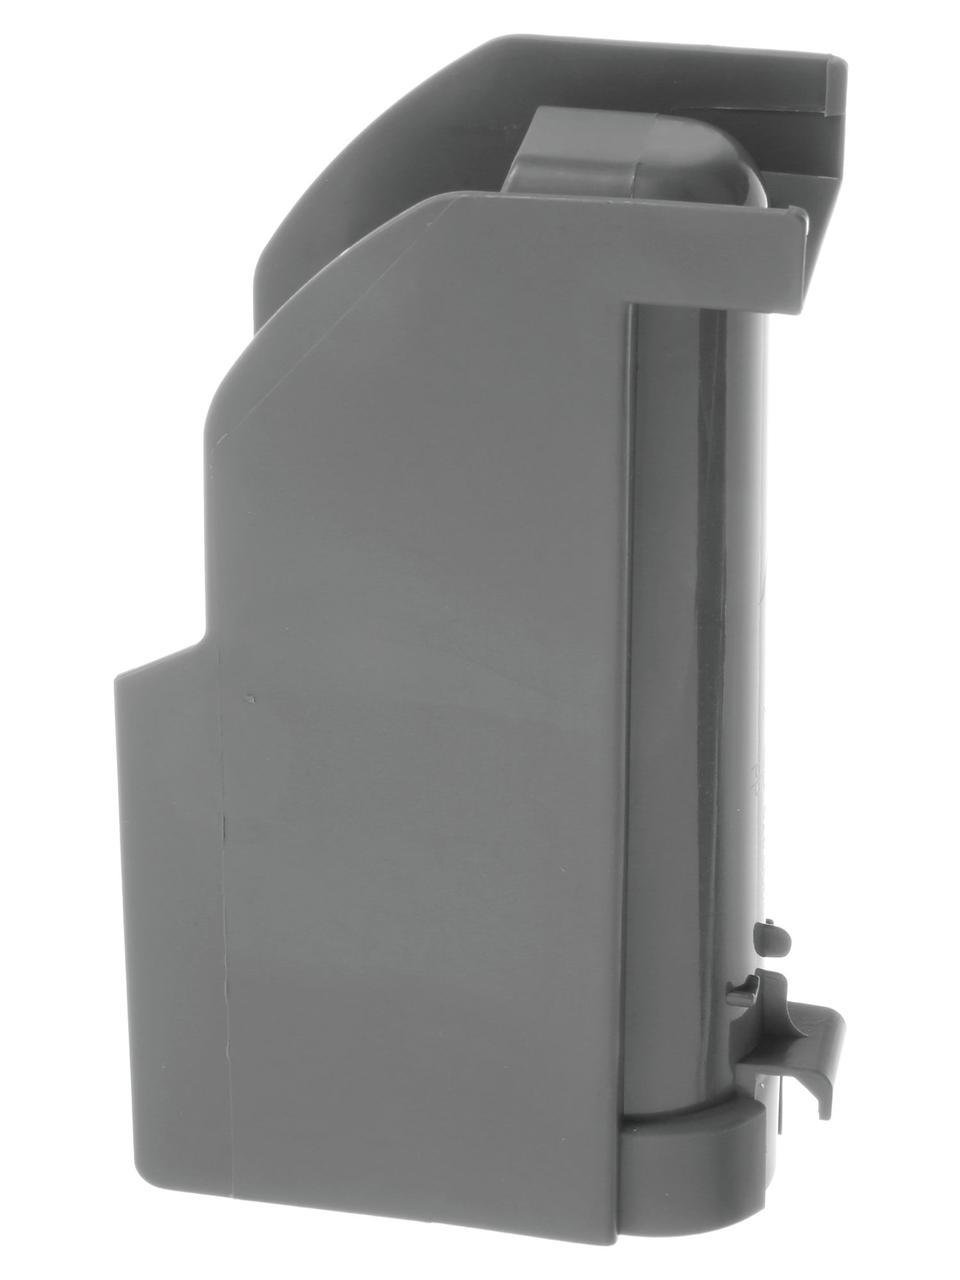 Сопло перегородка в аквафильтр для пилососа Zelmer 12015880 (829.0068)